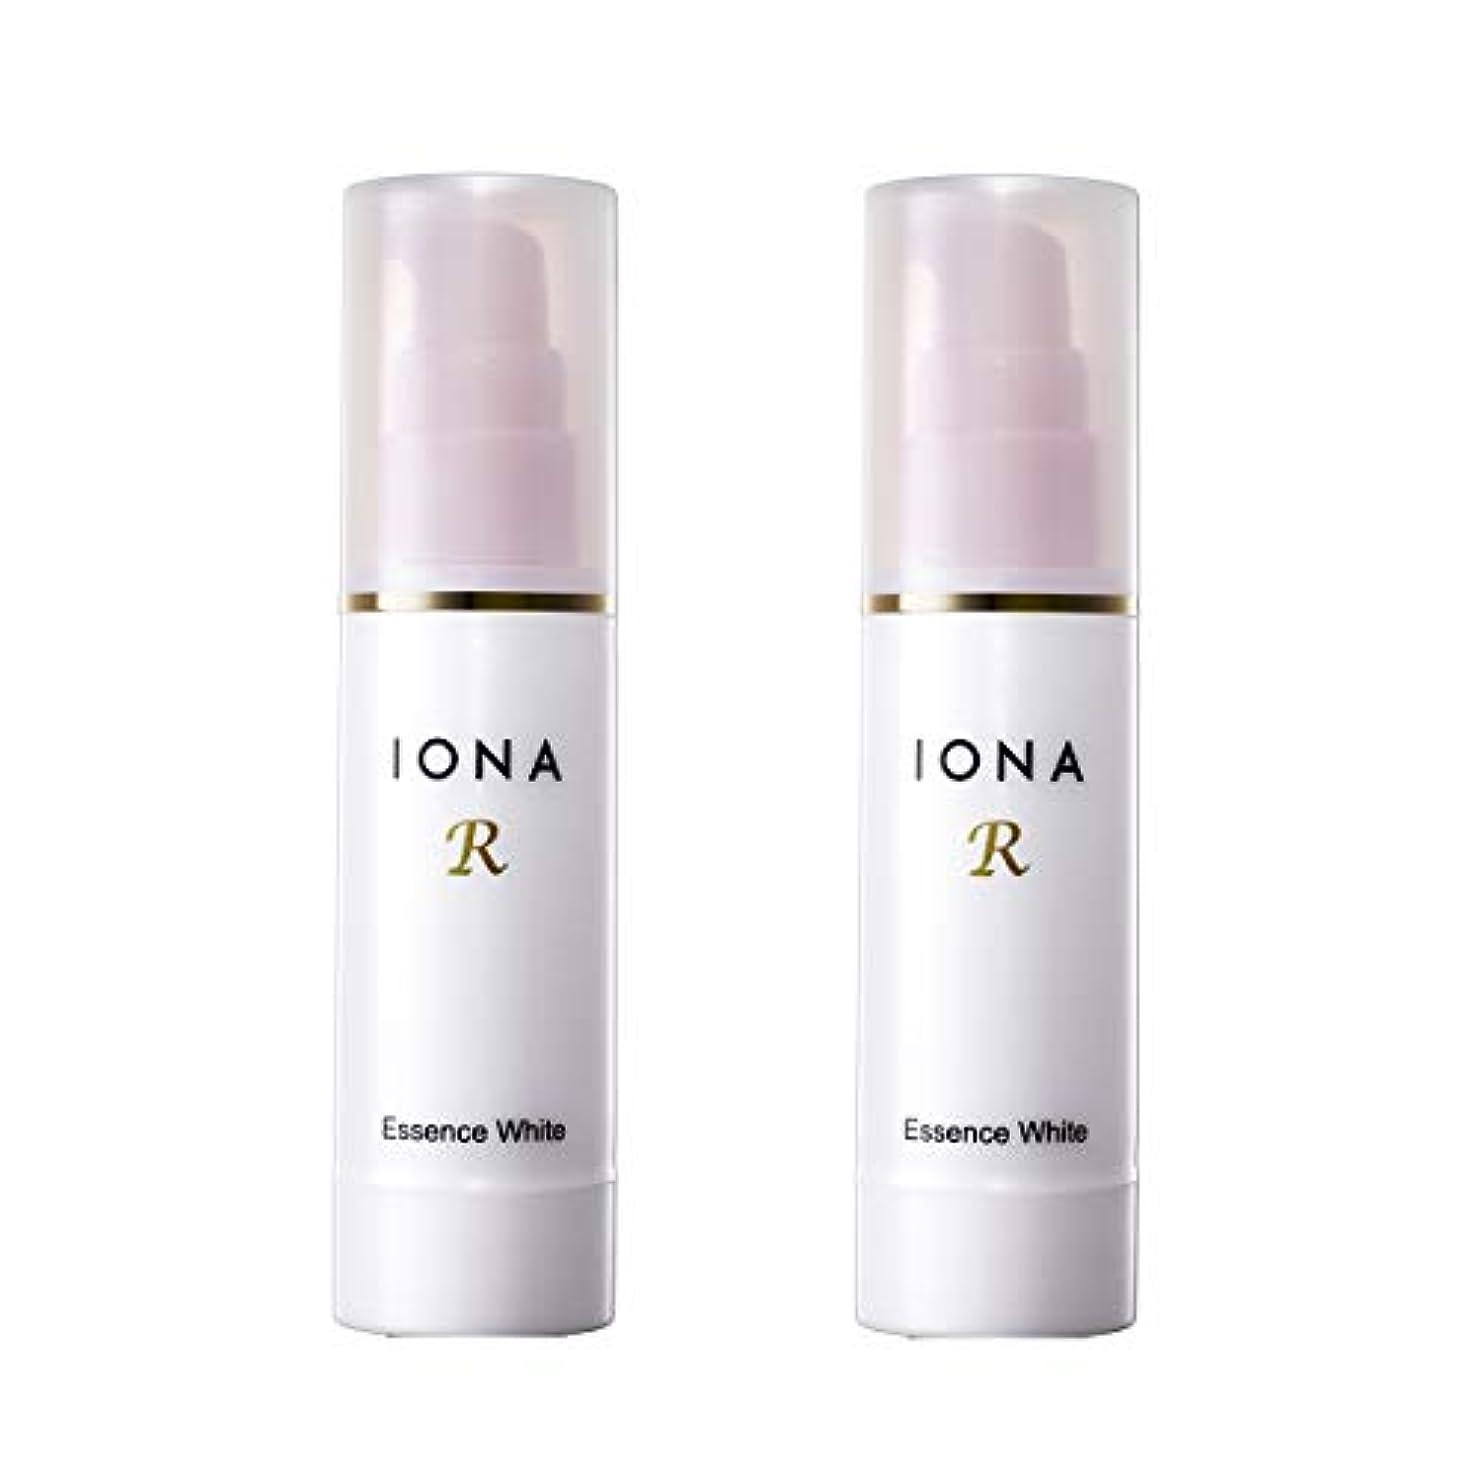 練習した南東敬なイオナR エッセンスホワイト 美容液 2個セット 【通常価格より20%OFF】高機能ビタミンC配合美容液 IONA R イオナアール イオナのビタミンC